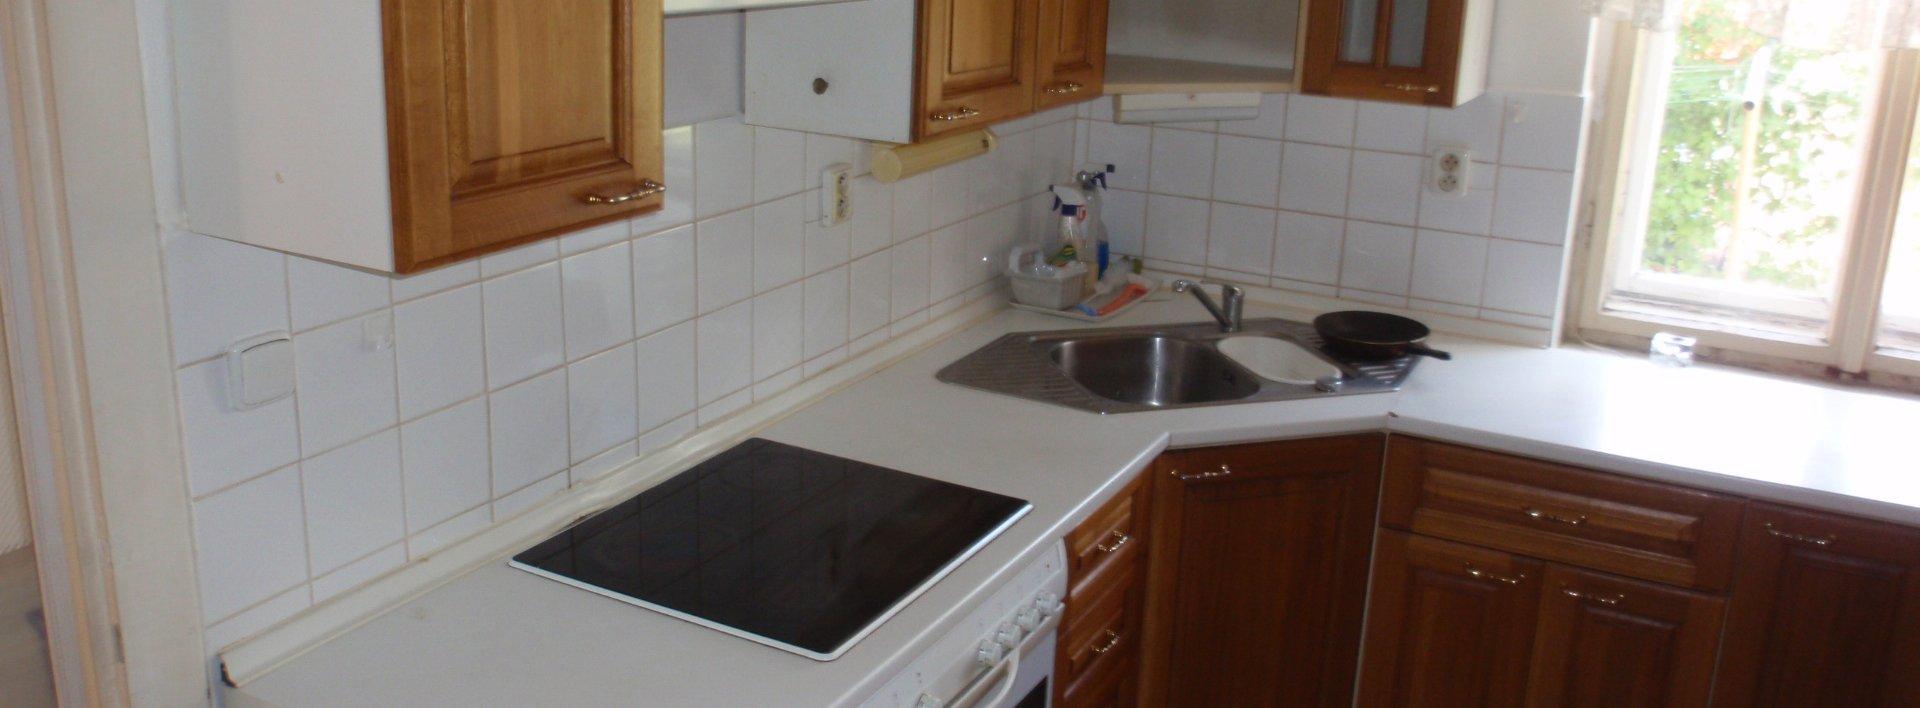 Pronájem bytu 2+1, 58 m² - V Úvoze, Liberec I